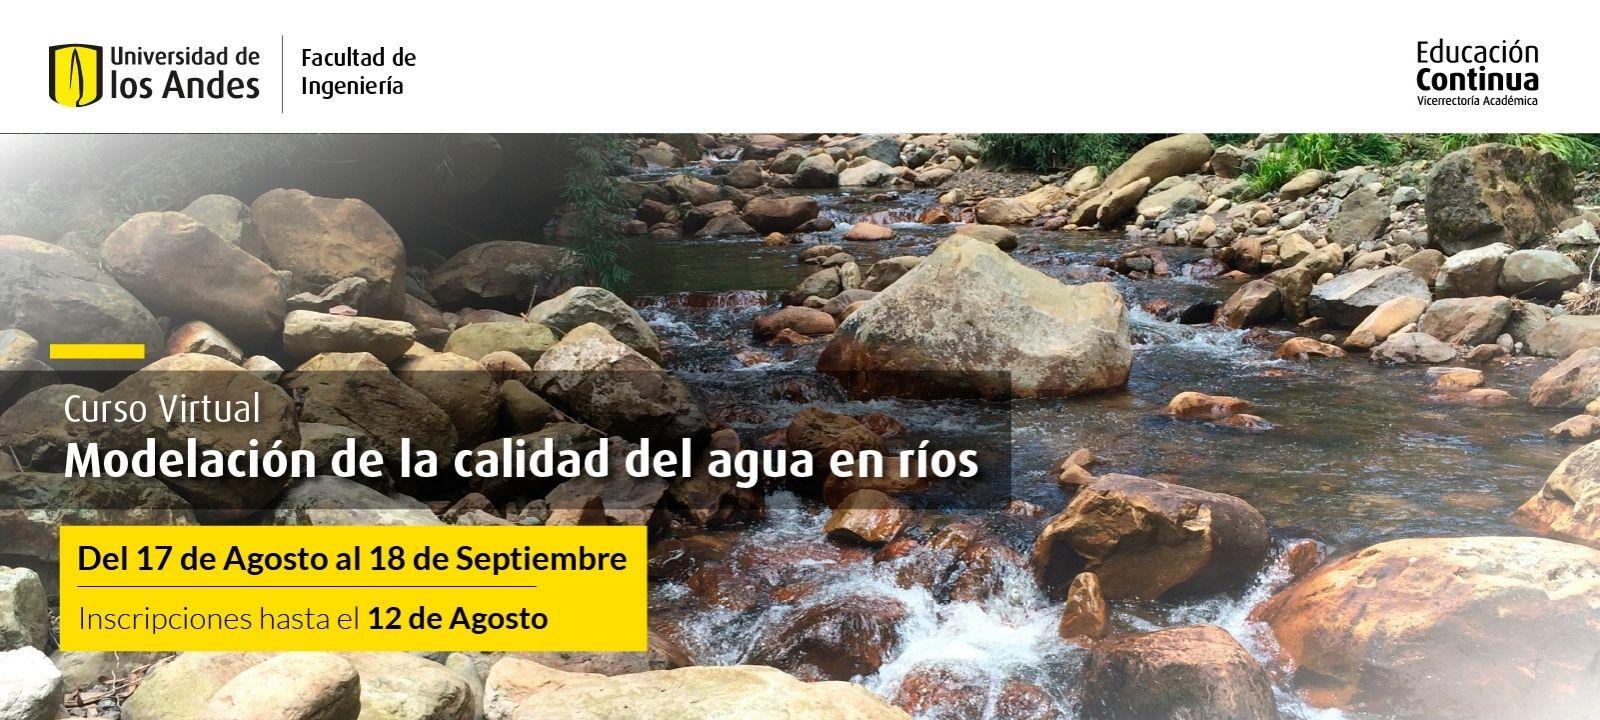 Curso virtual | Modelación de la calidad del agua en ríos